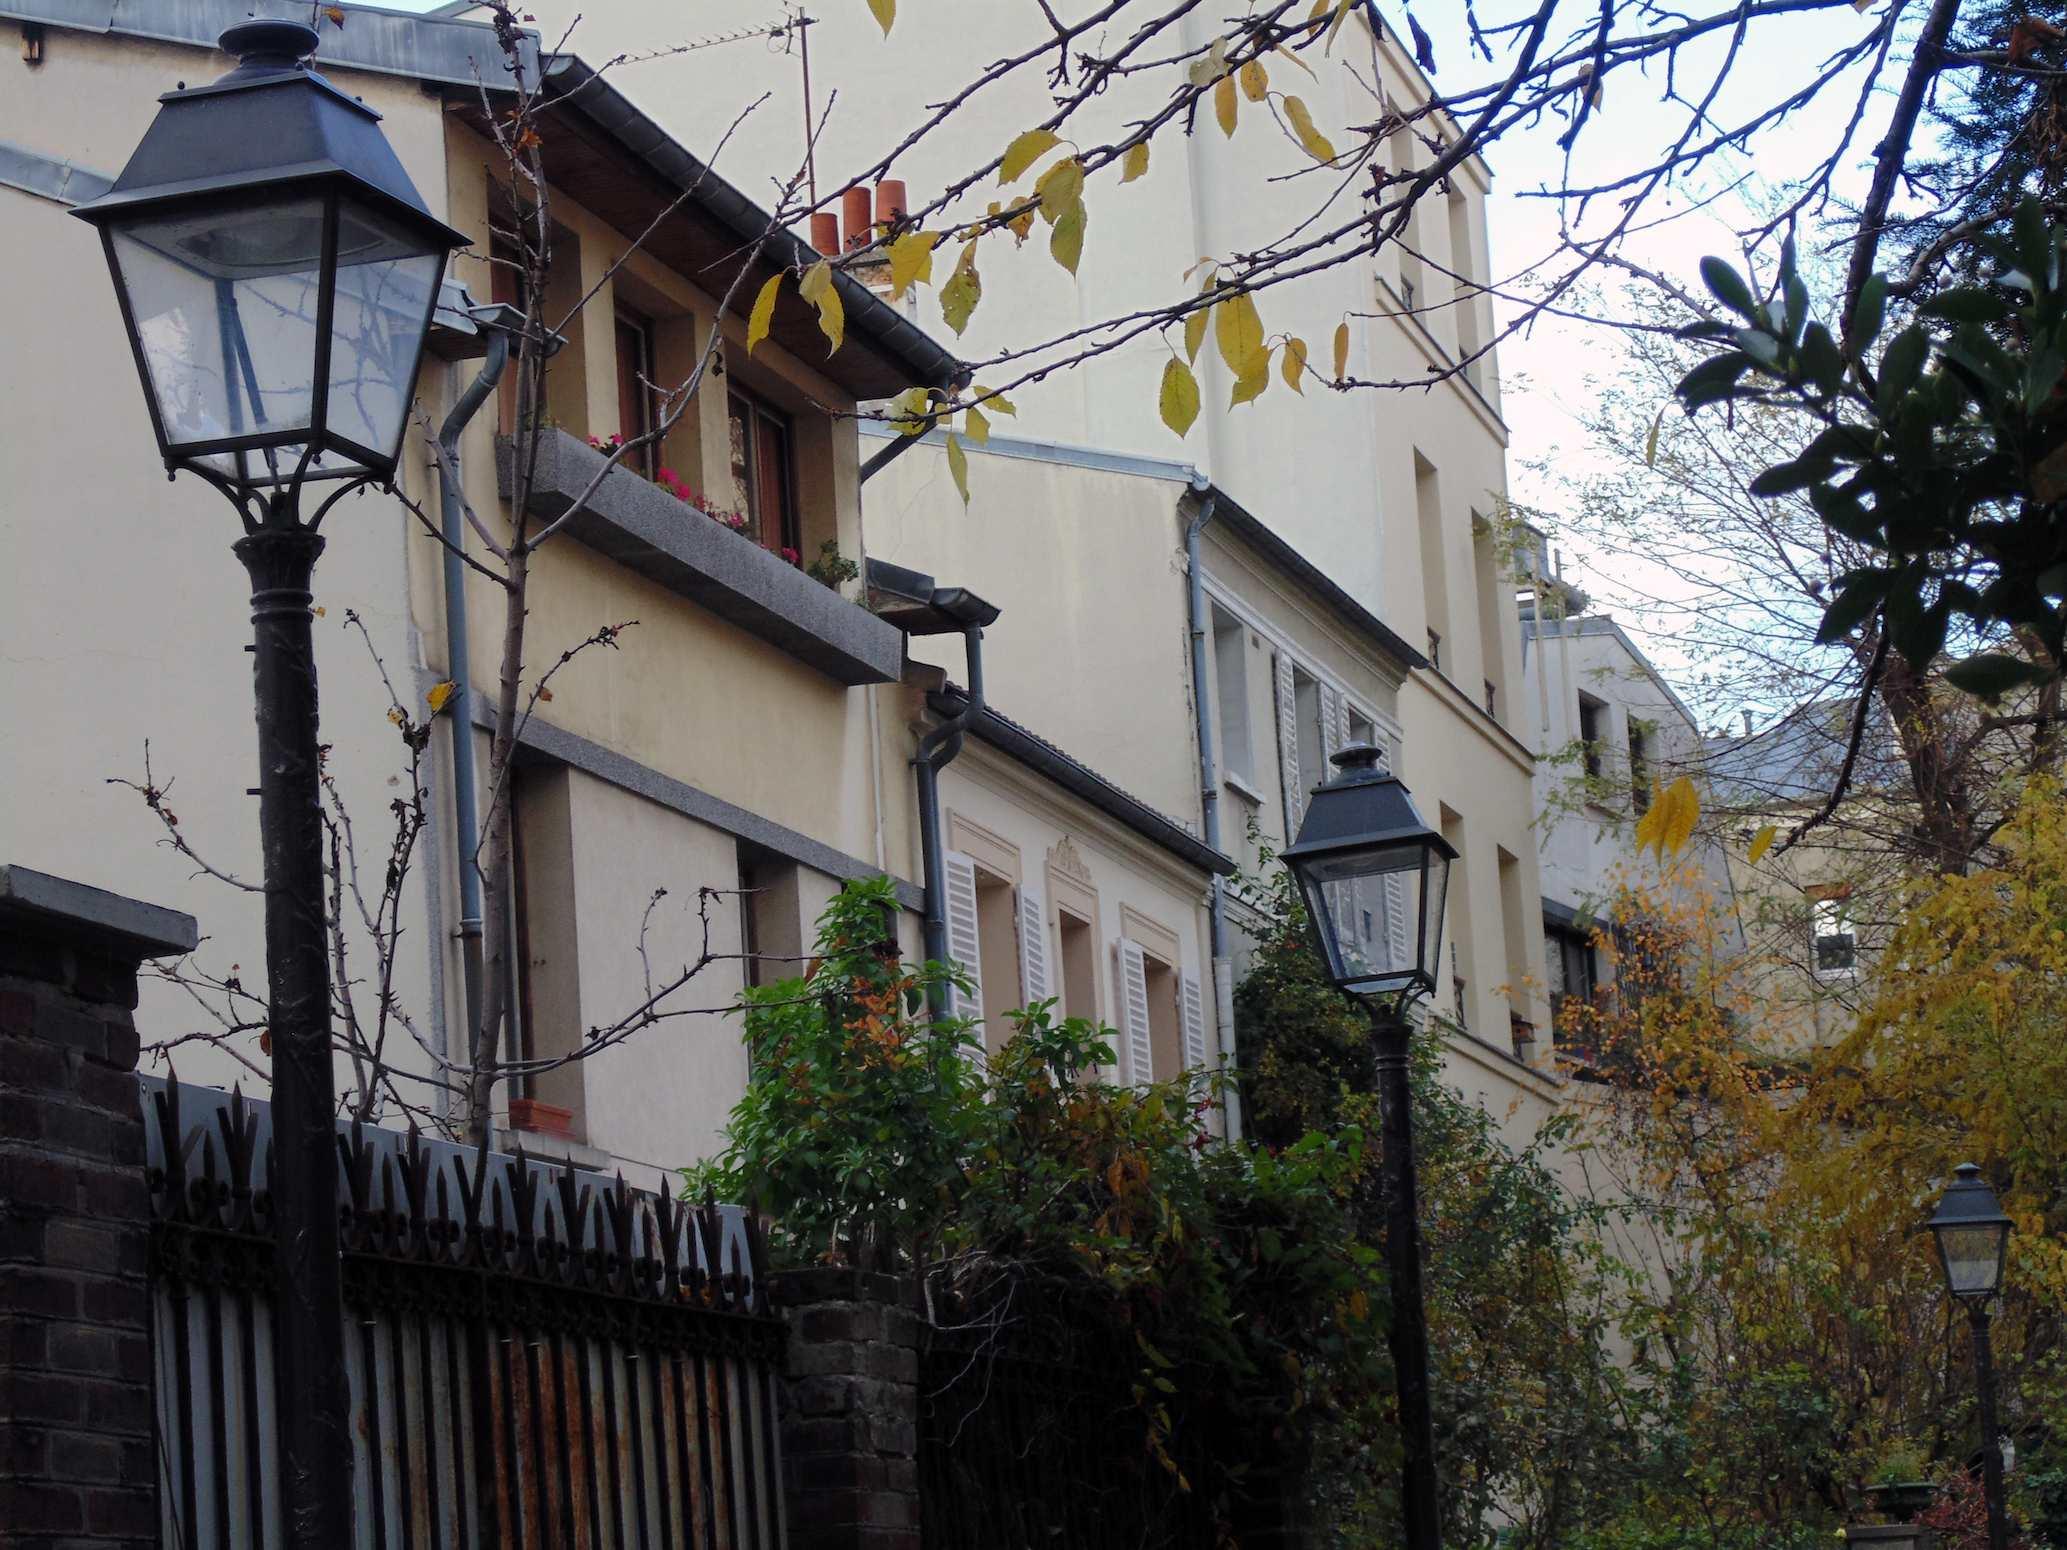 Acheter un appartement  Paris en viager  Biens Trouvs Chasseur Immobilier